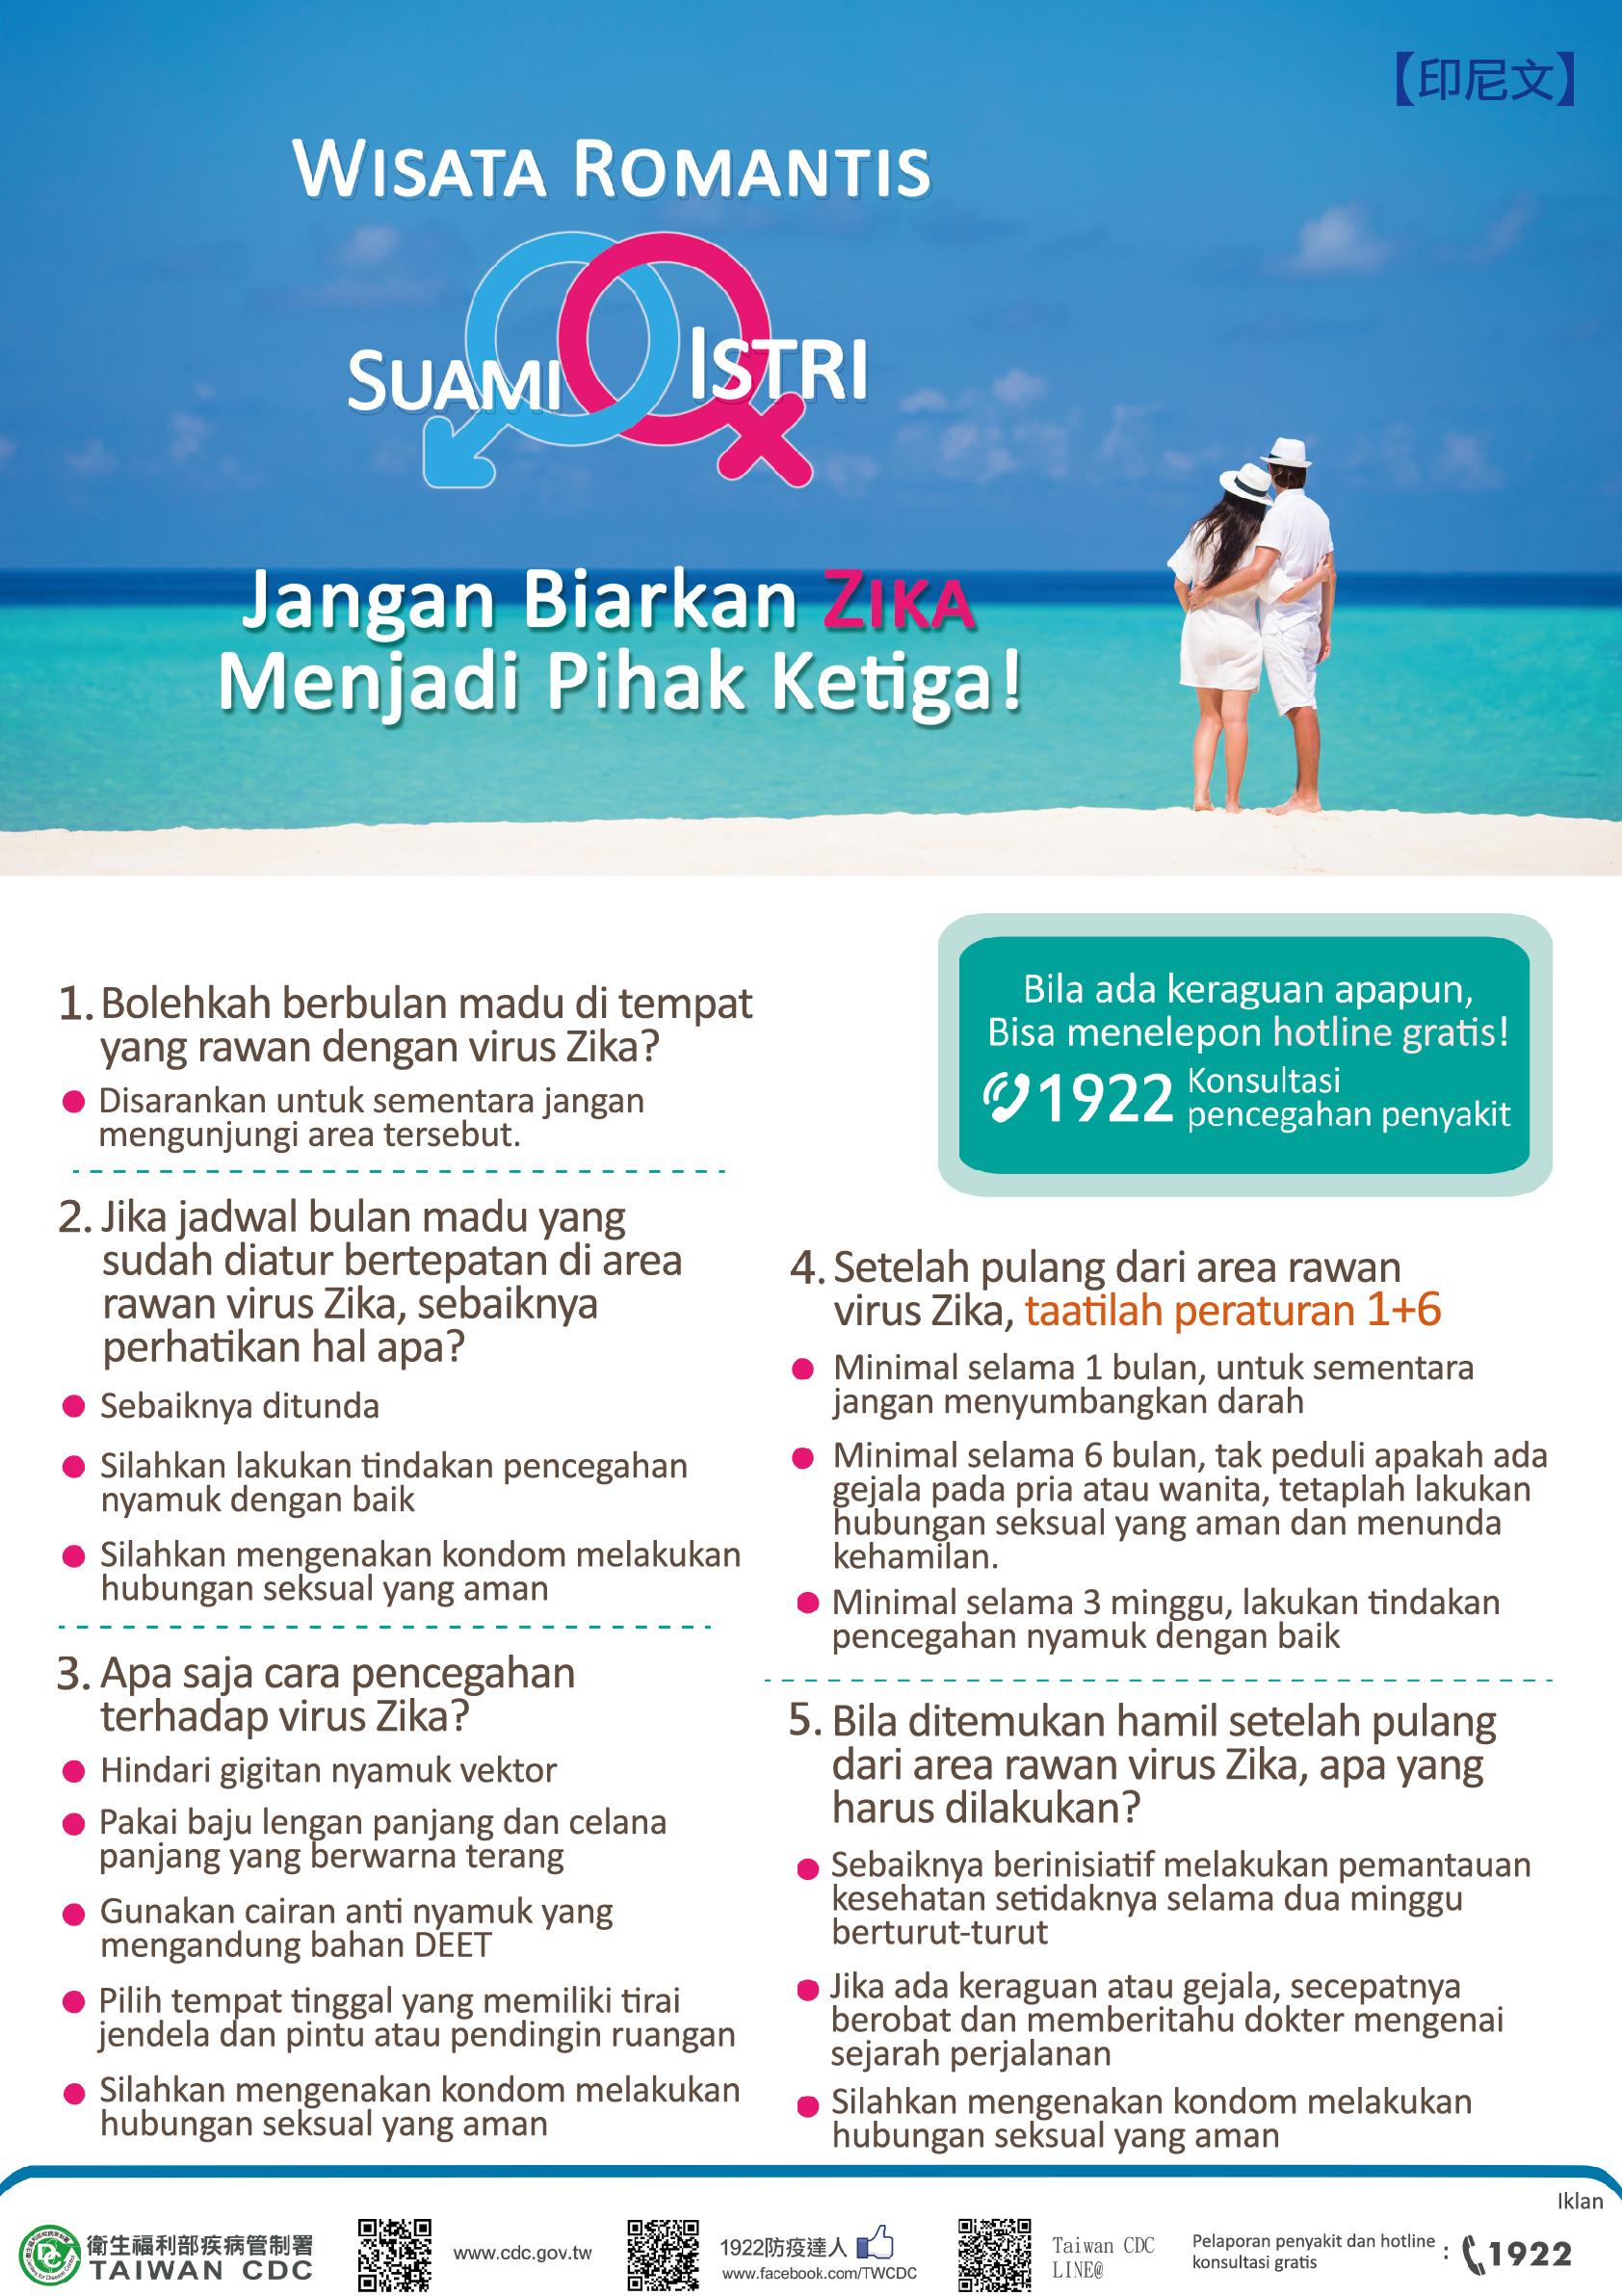 詳如附件【Klik】Jangan Biarkan Zika Menjadi Pihak Ketiga!夫妻的浪漫之旅別讓茲卡當小三(印尼文)